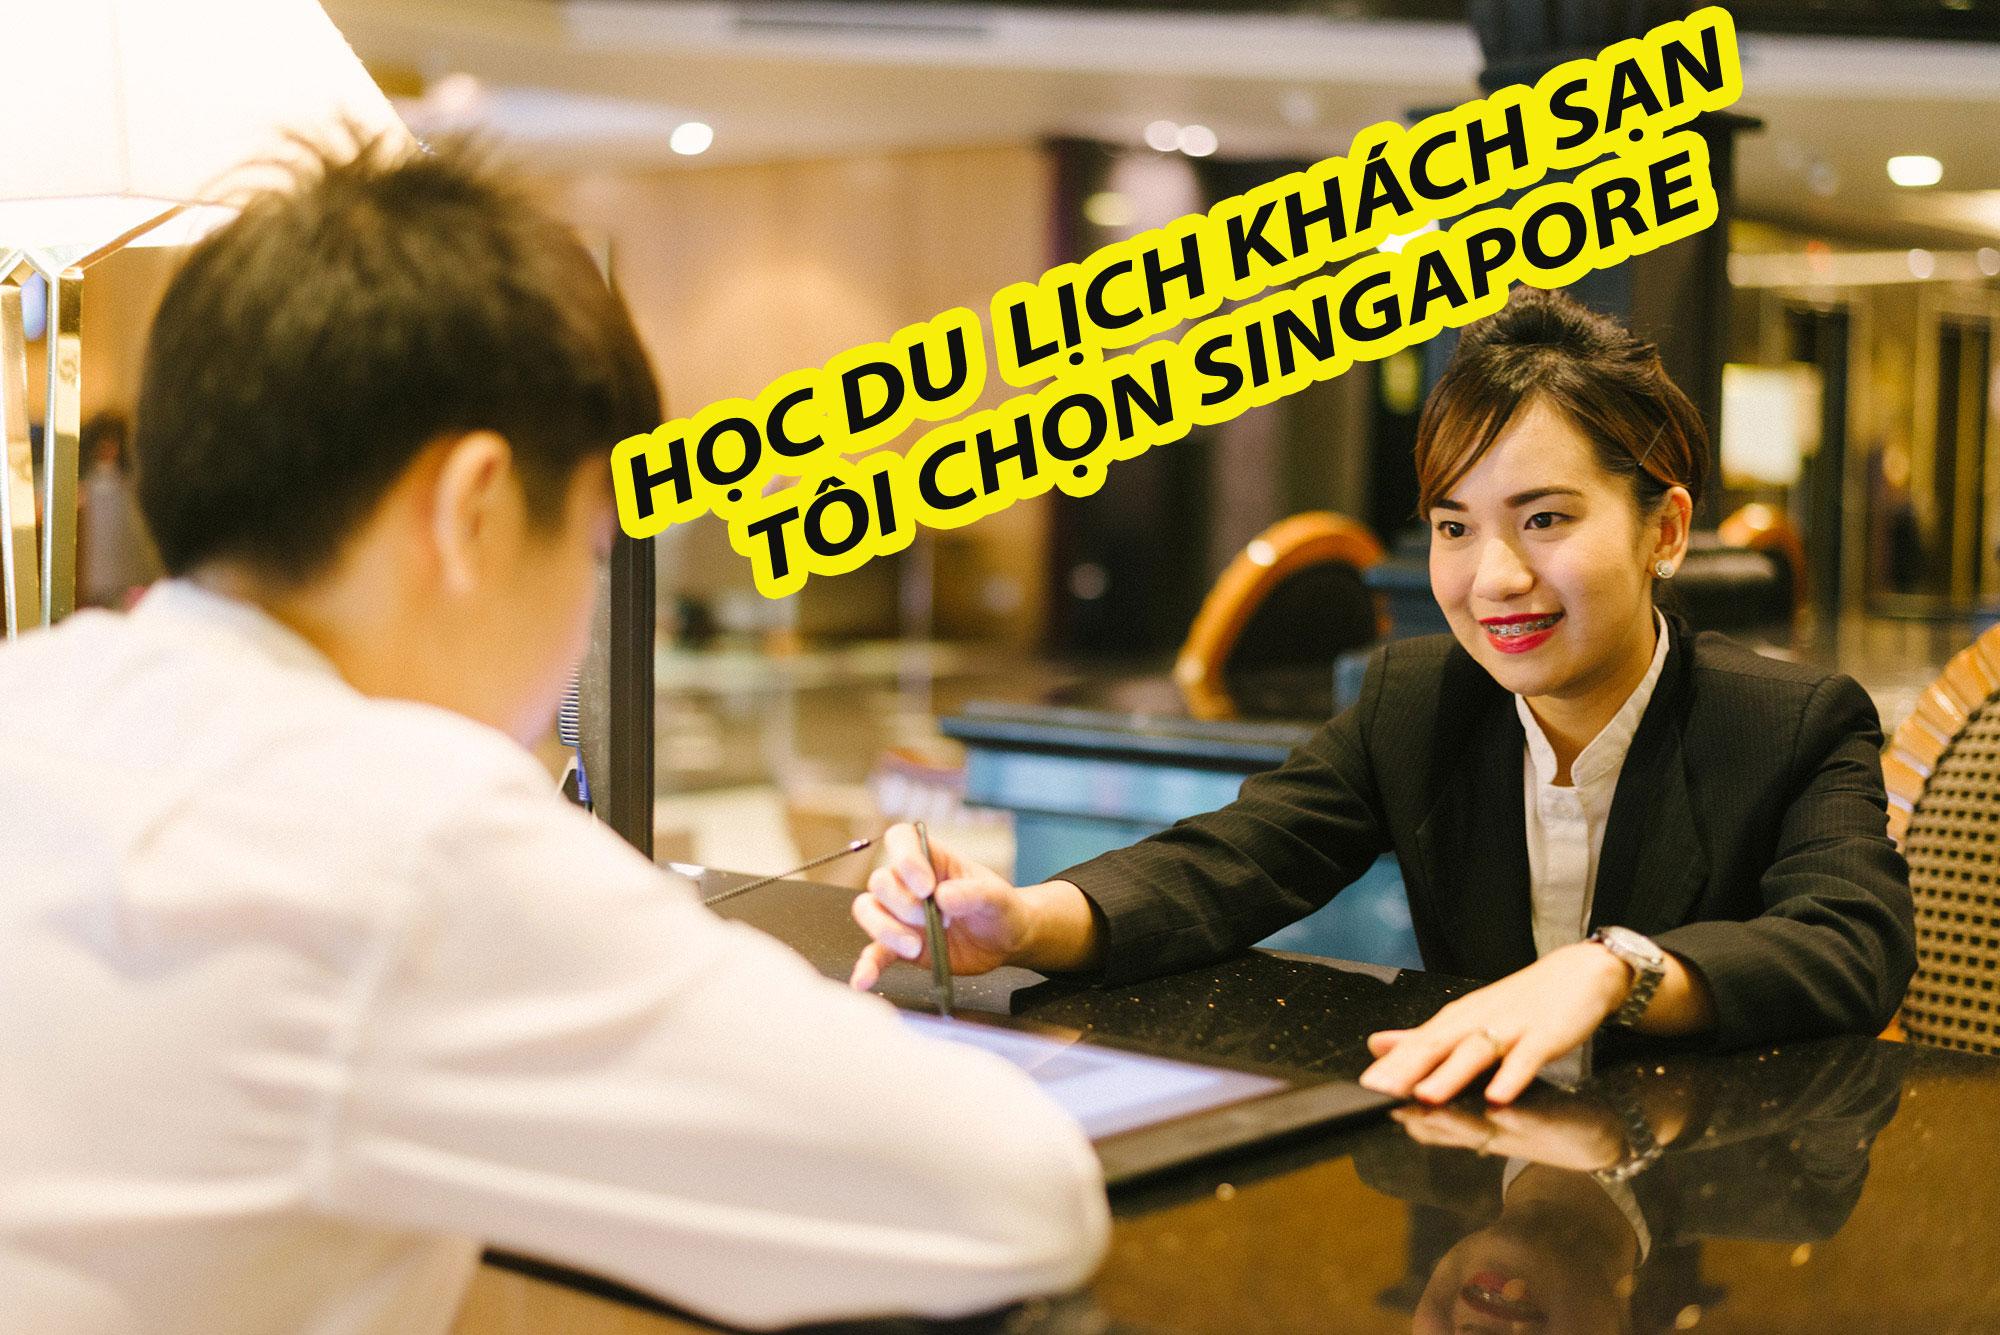 Học du lịch khách sạn tại Singapore